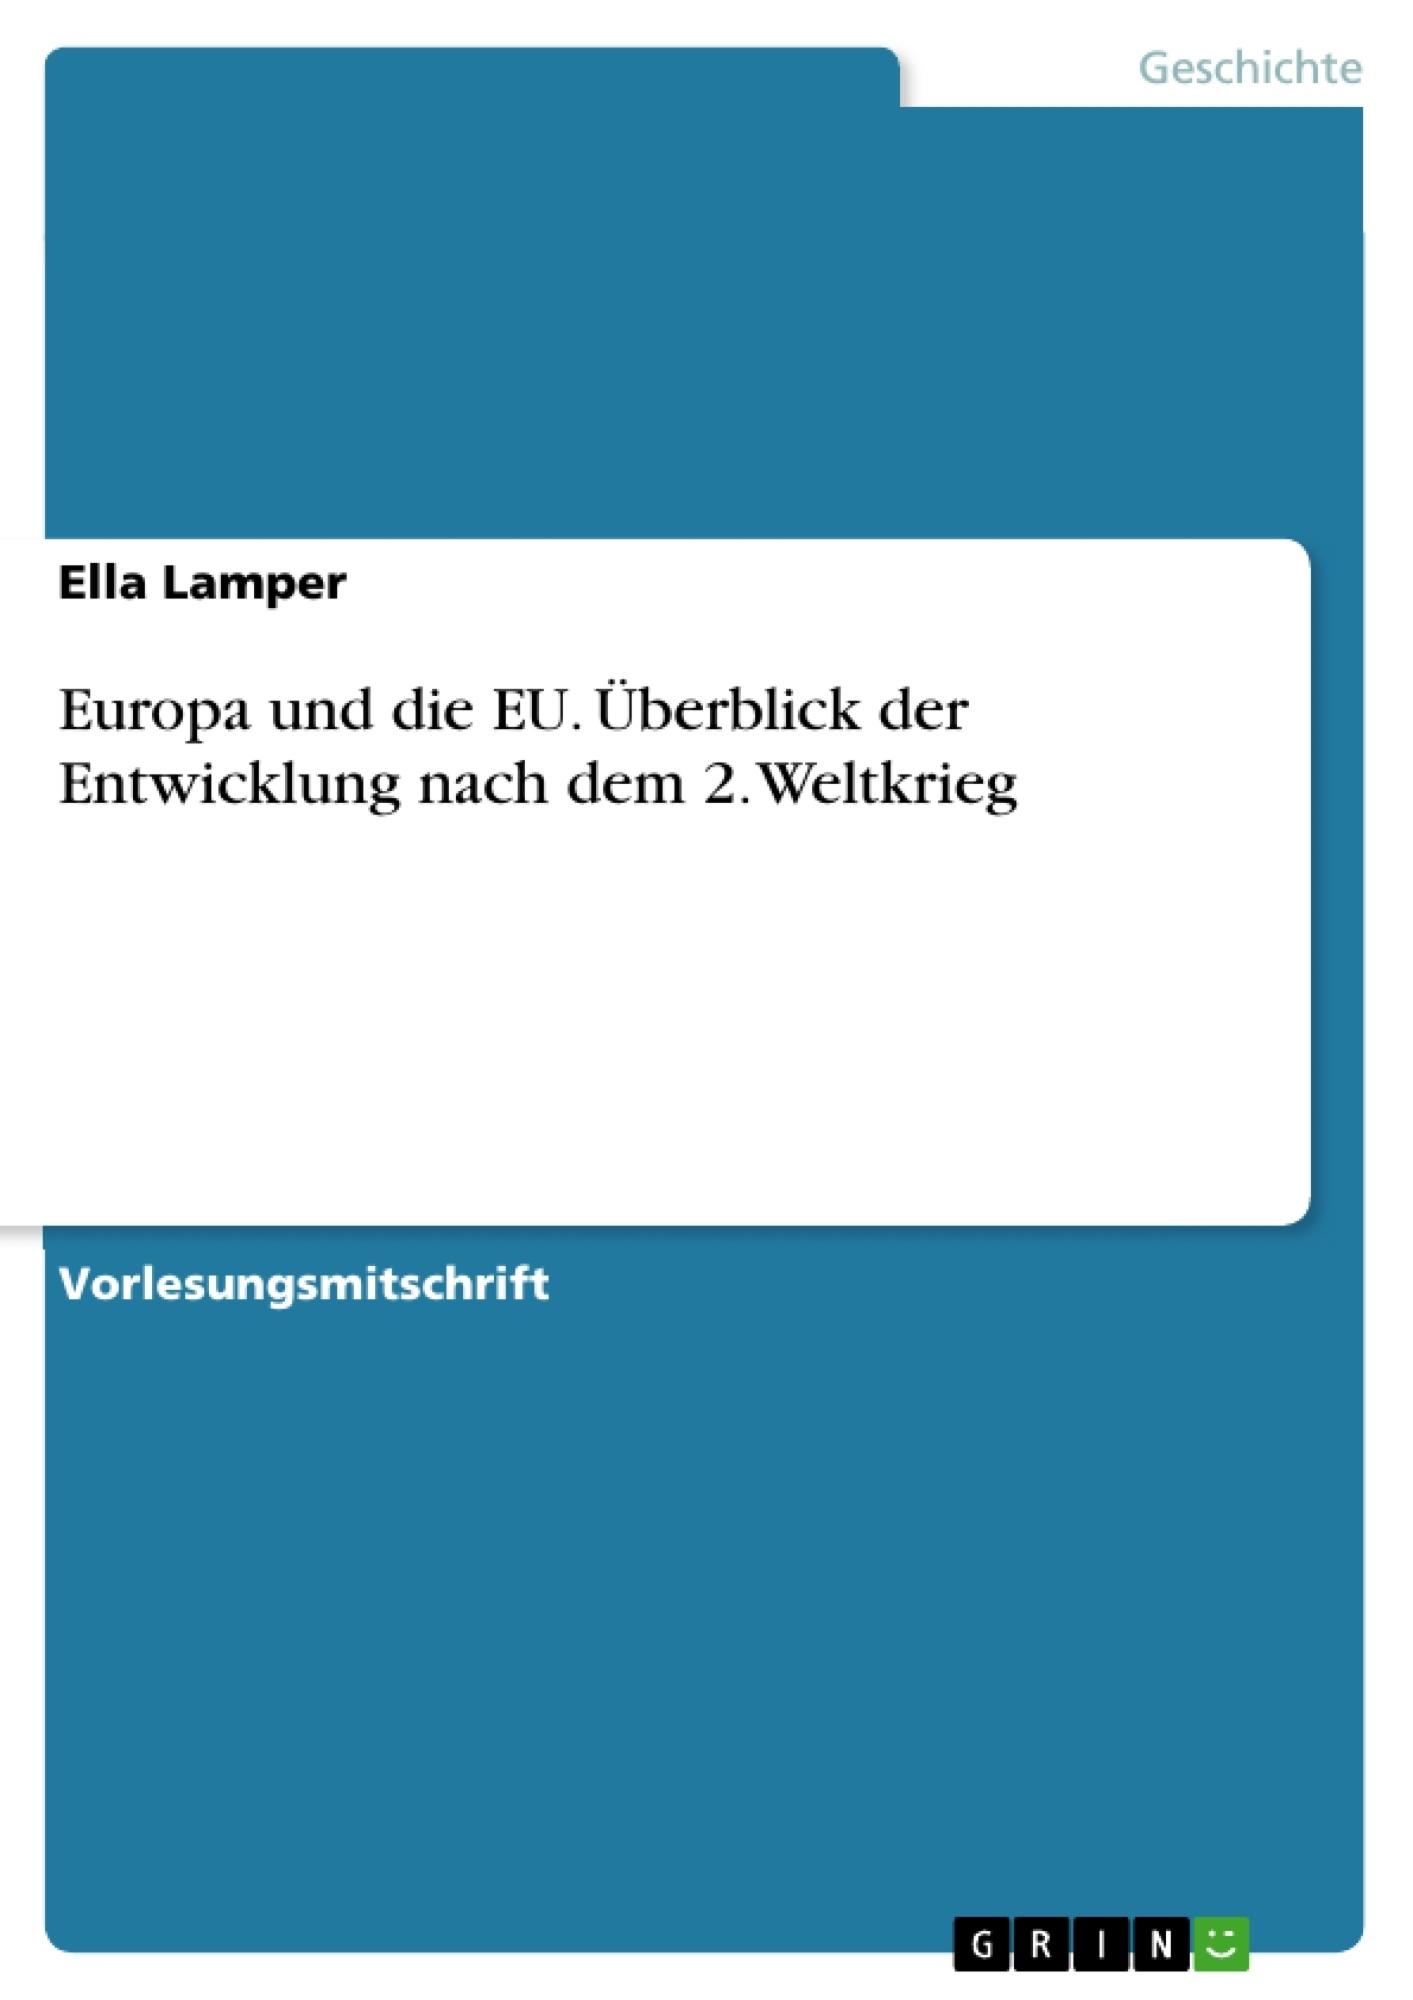 Titel: Europa und die EU. Überblick der Entwicklung nach dem 2. Weltkrieg